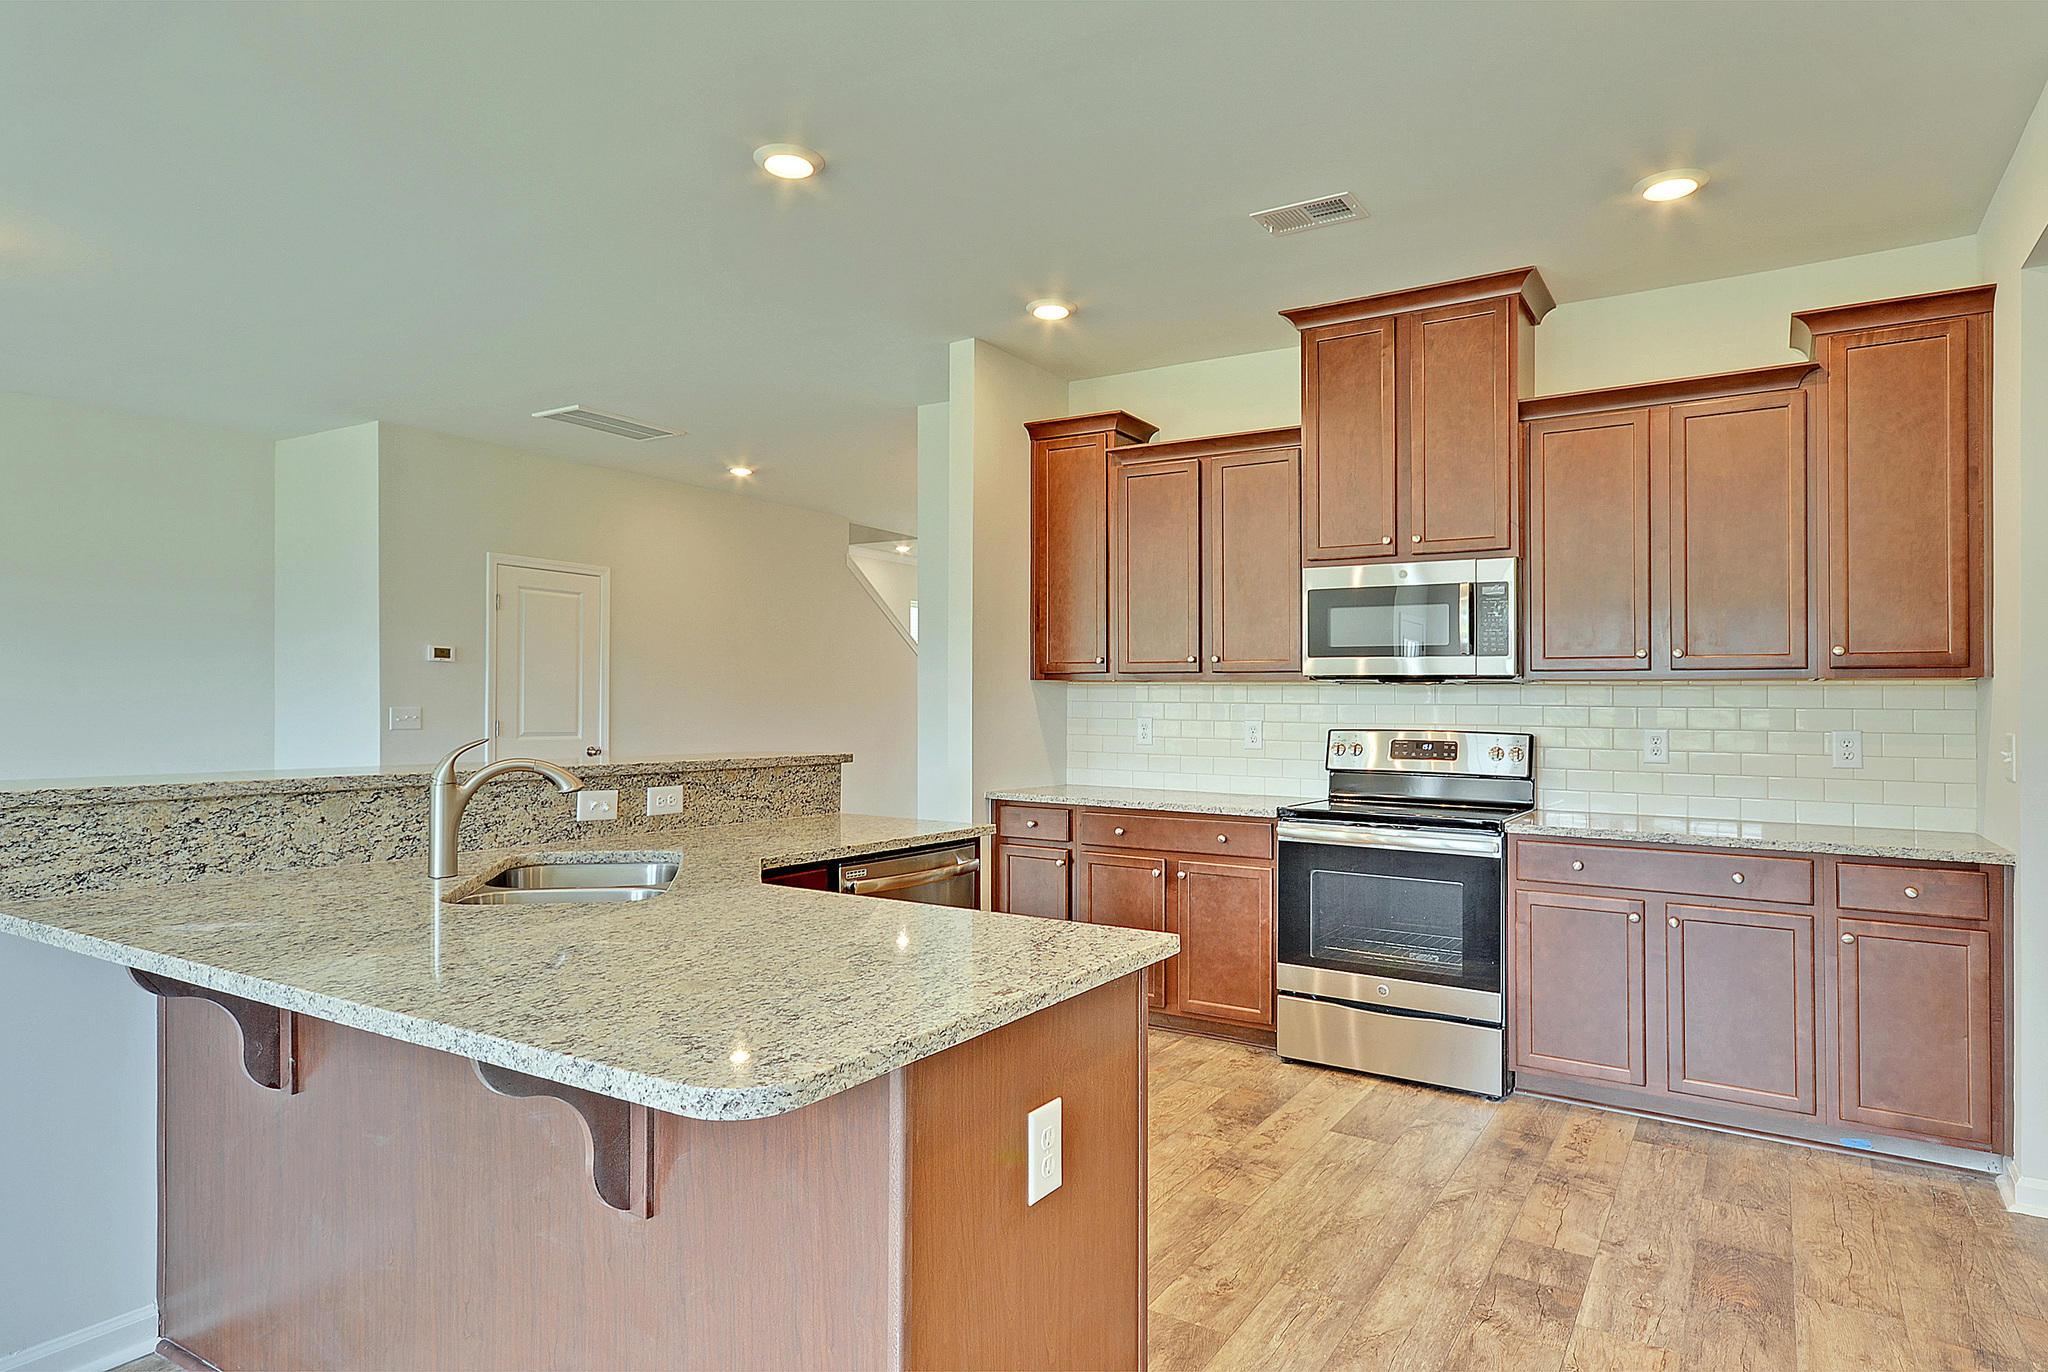 Park West Homes For Sale - 3049 Caspian, Mount Pleasant, SC - 2